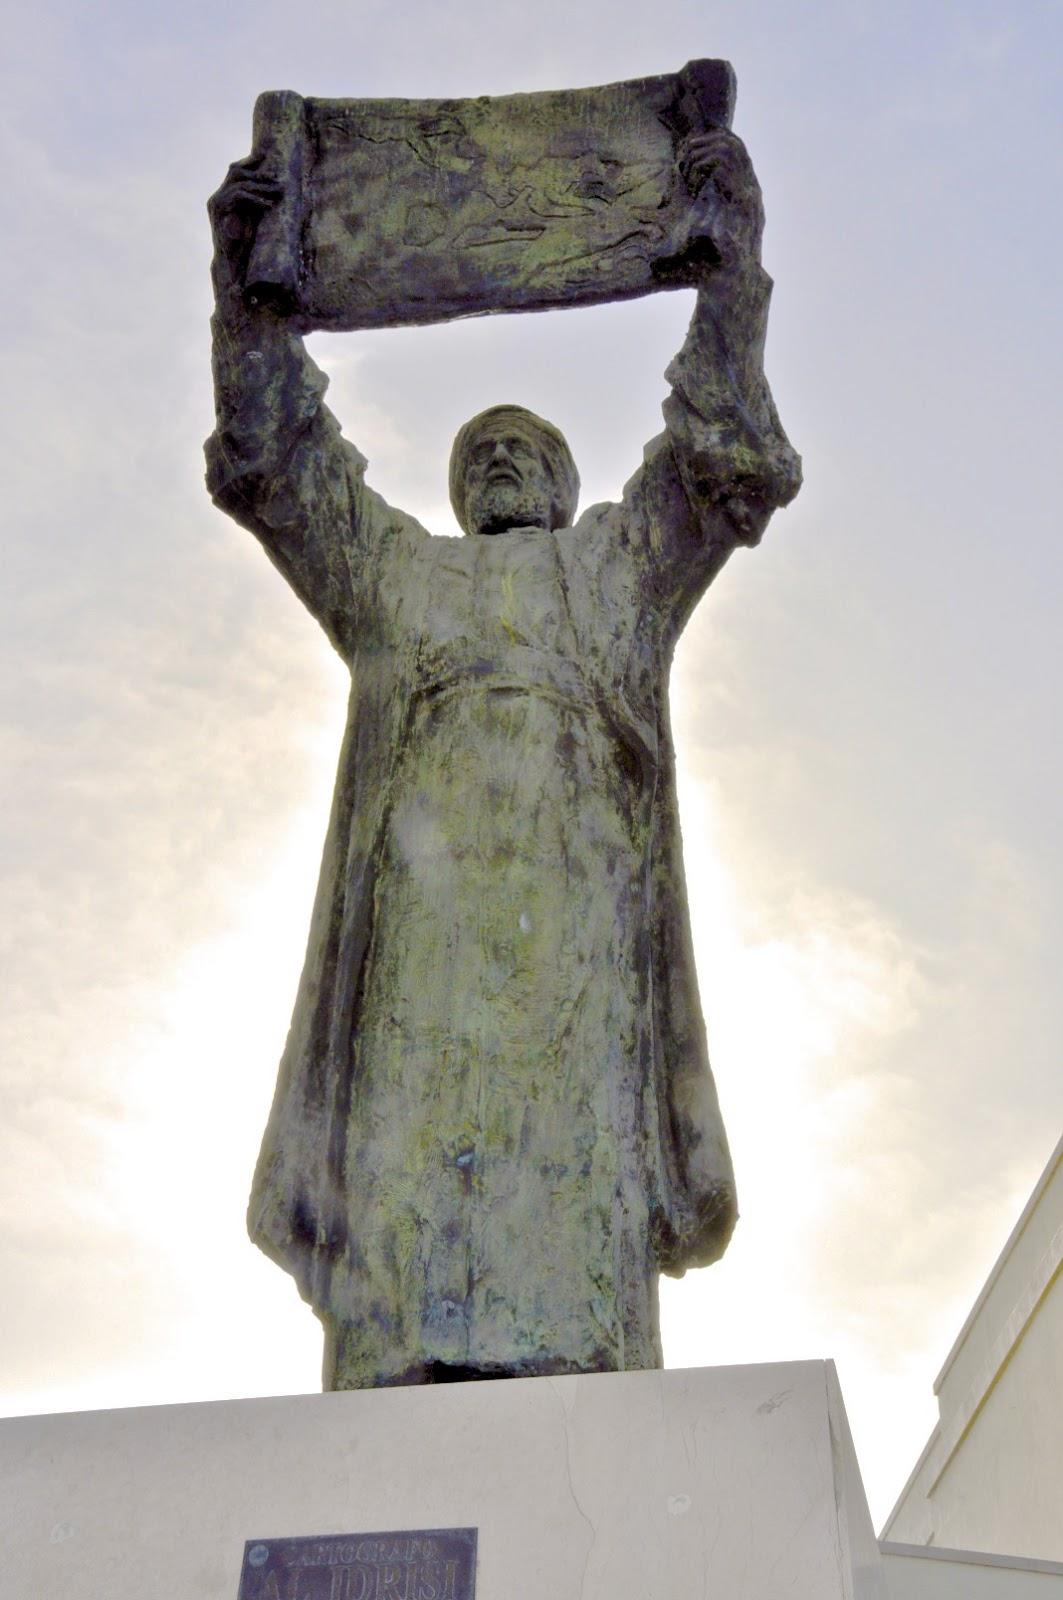 Monumento al geógrafo Al Idrisi en Ceuta, su ciudad de nacimiento. Talavera bien podríaerigir un monumento a quien hace mil años hizo la descripción más elogiosa de Talavera